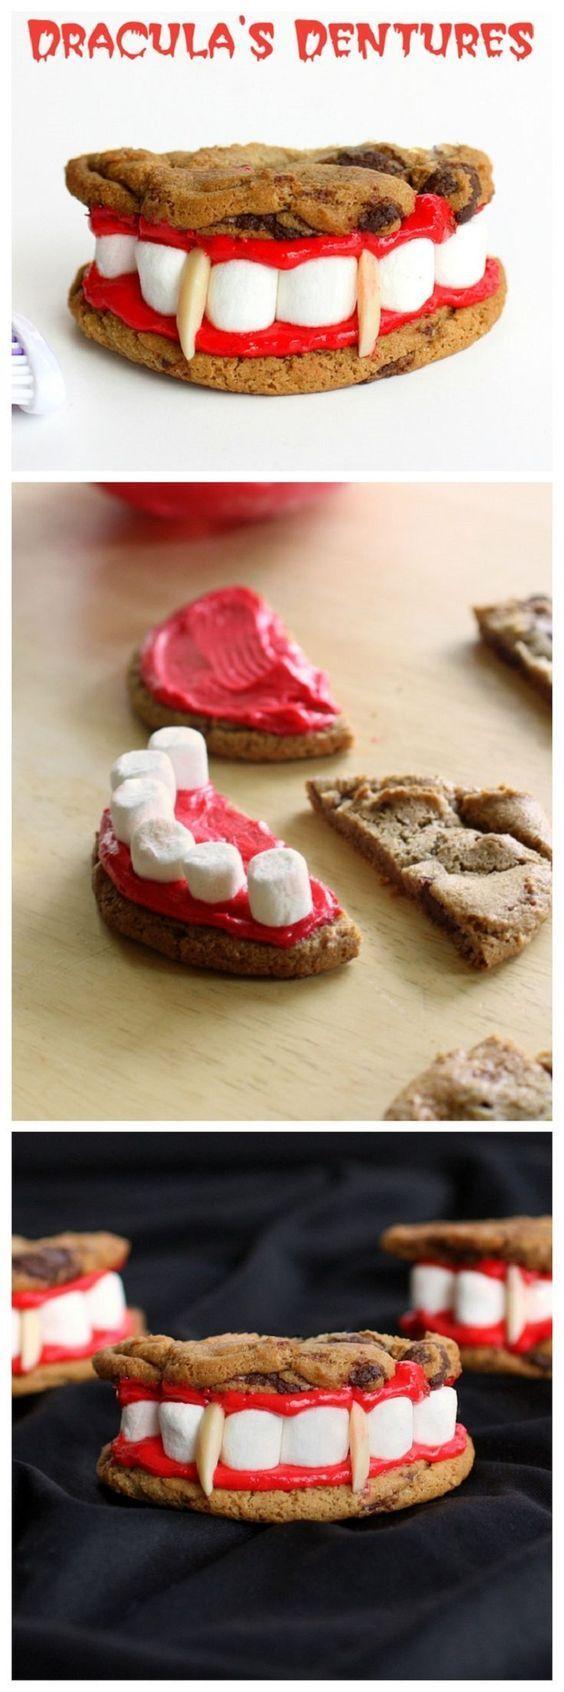 10-halloween-treats-for-kids-draculas-dentures